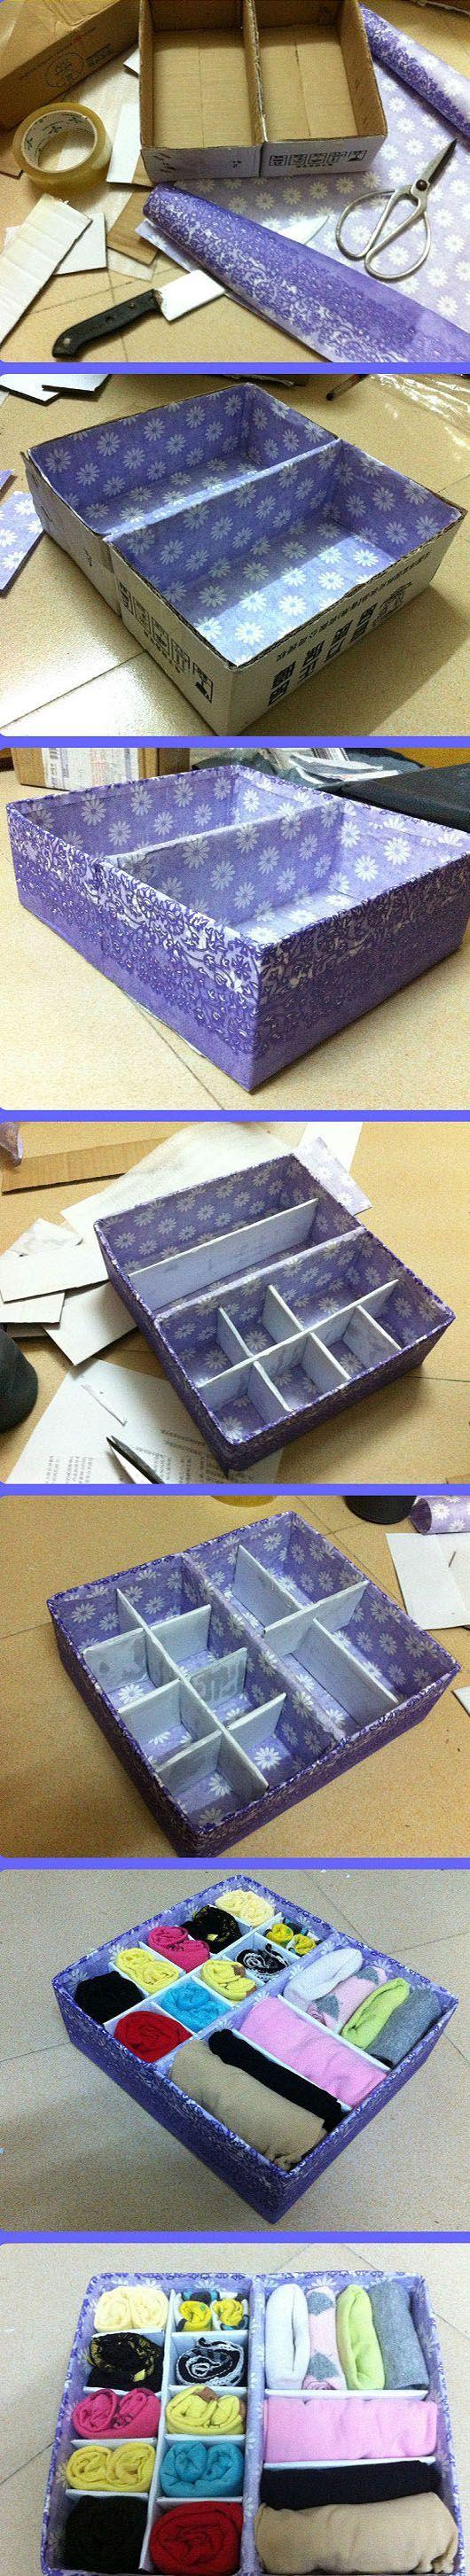 Diy Carton Container | DIY & Crafts Tutorials